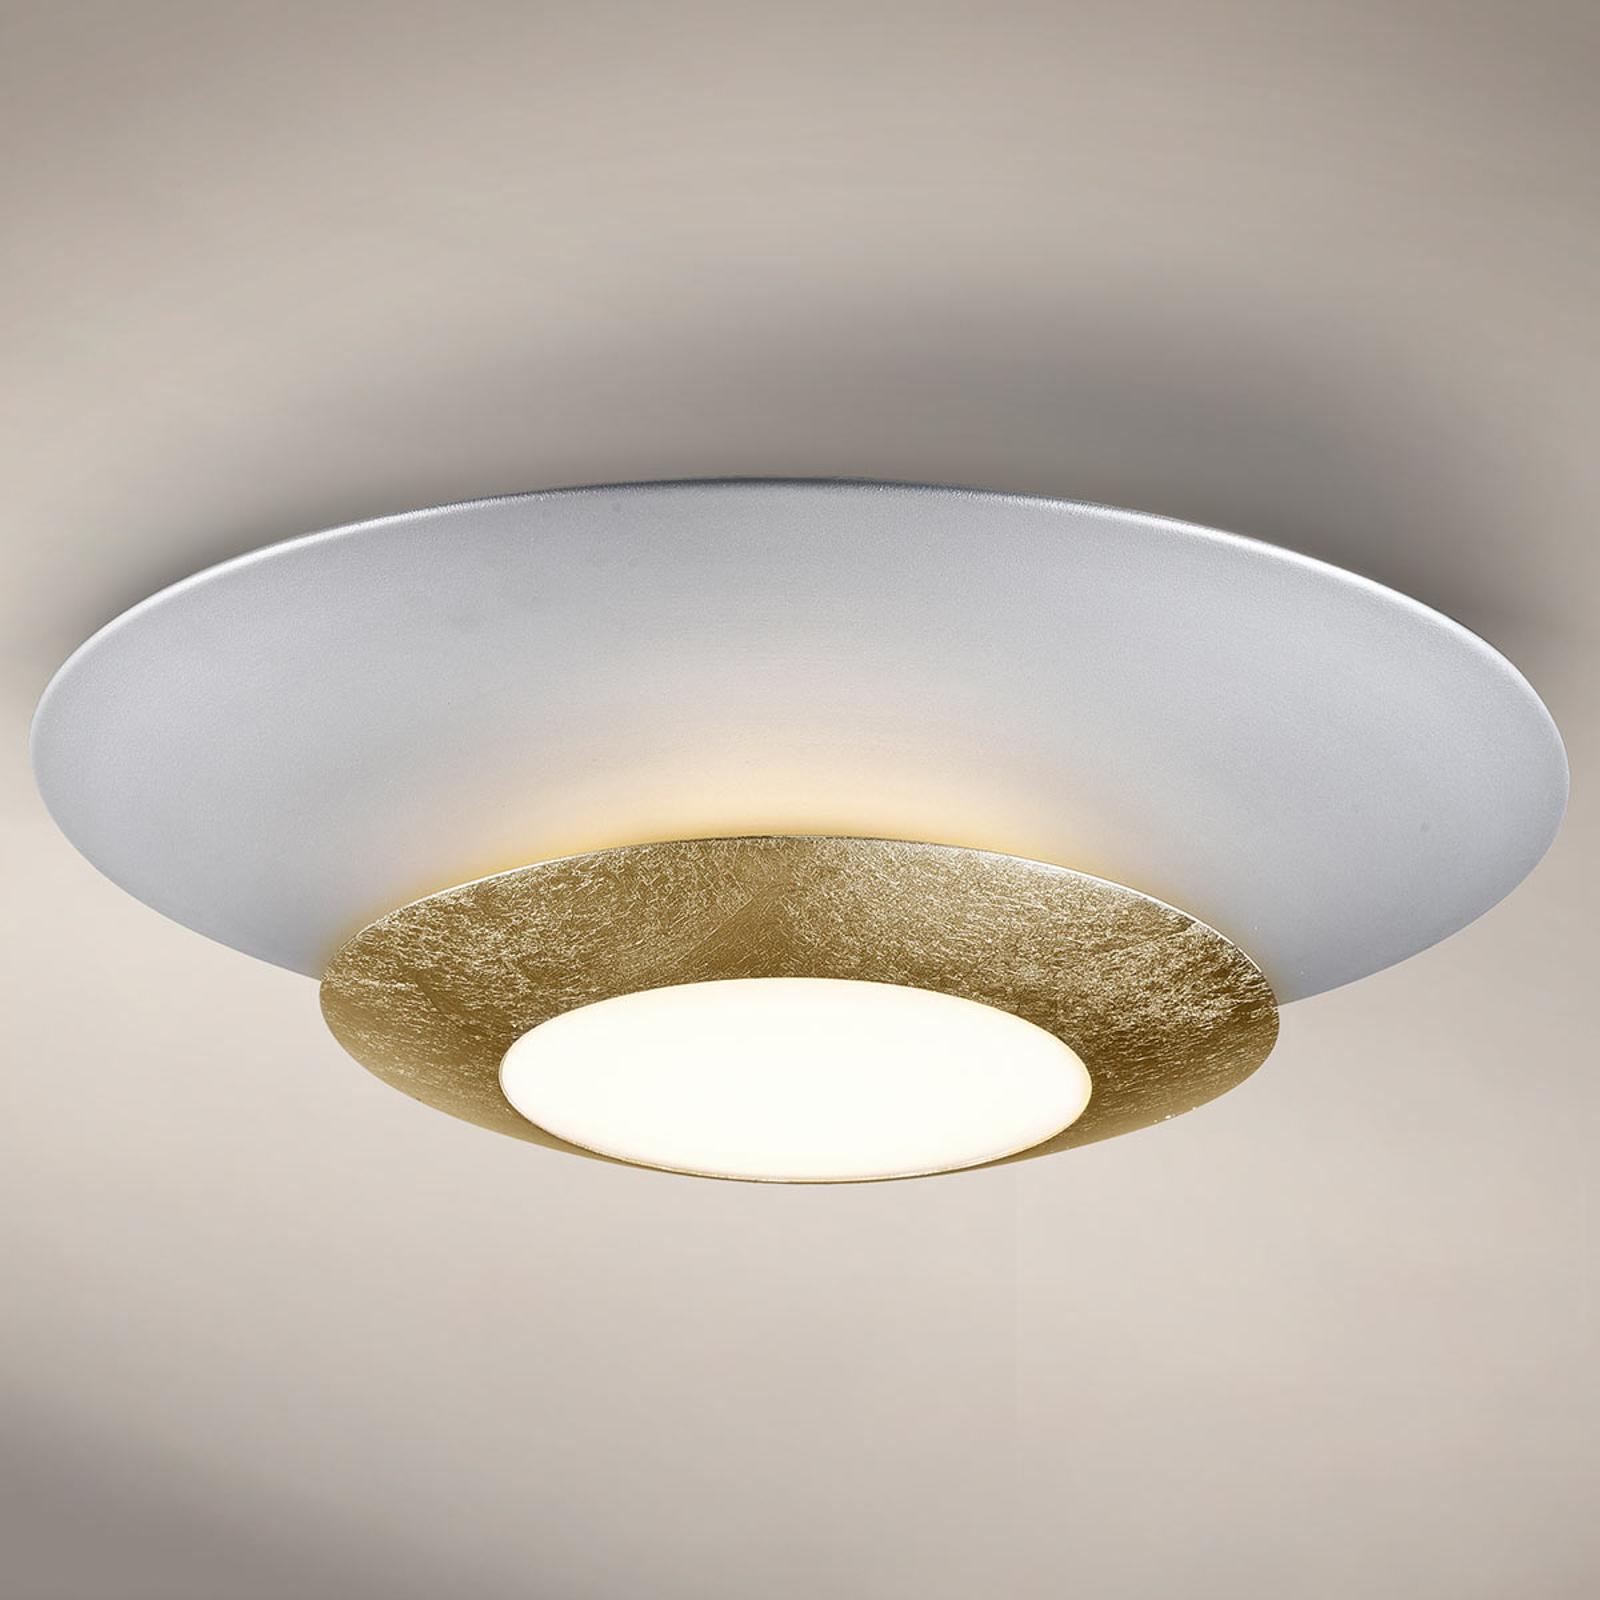 Pyöreä LED-kattovalaisin Hole, kultainen kalvo